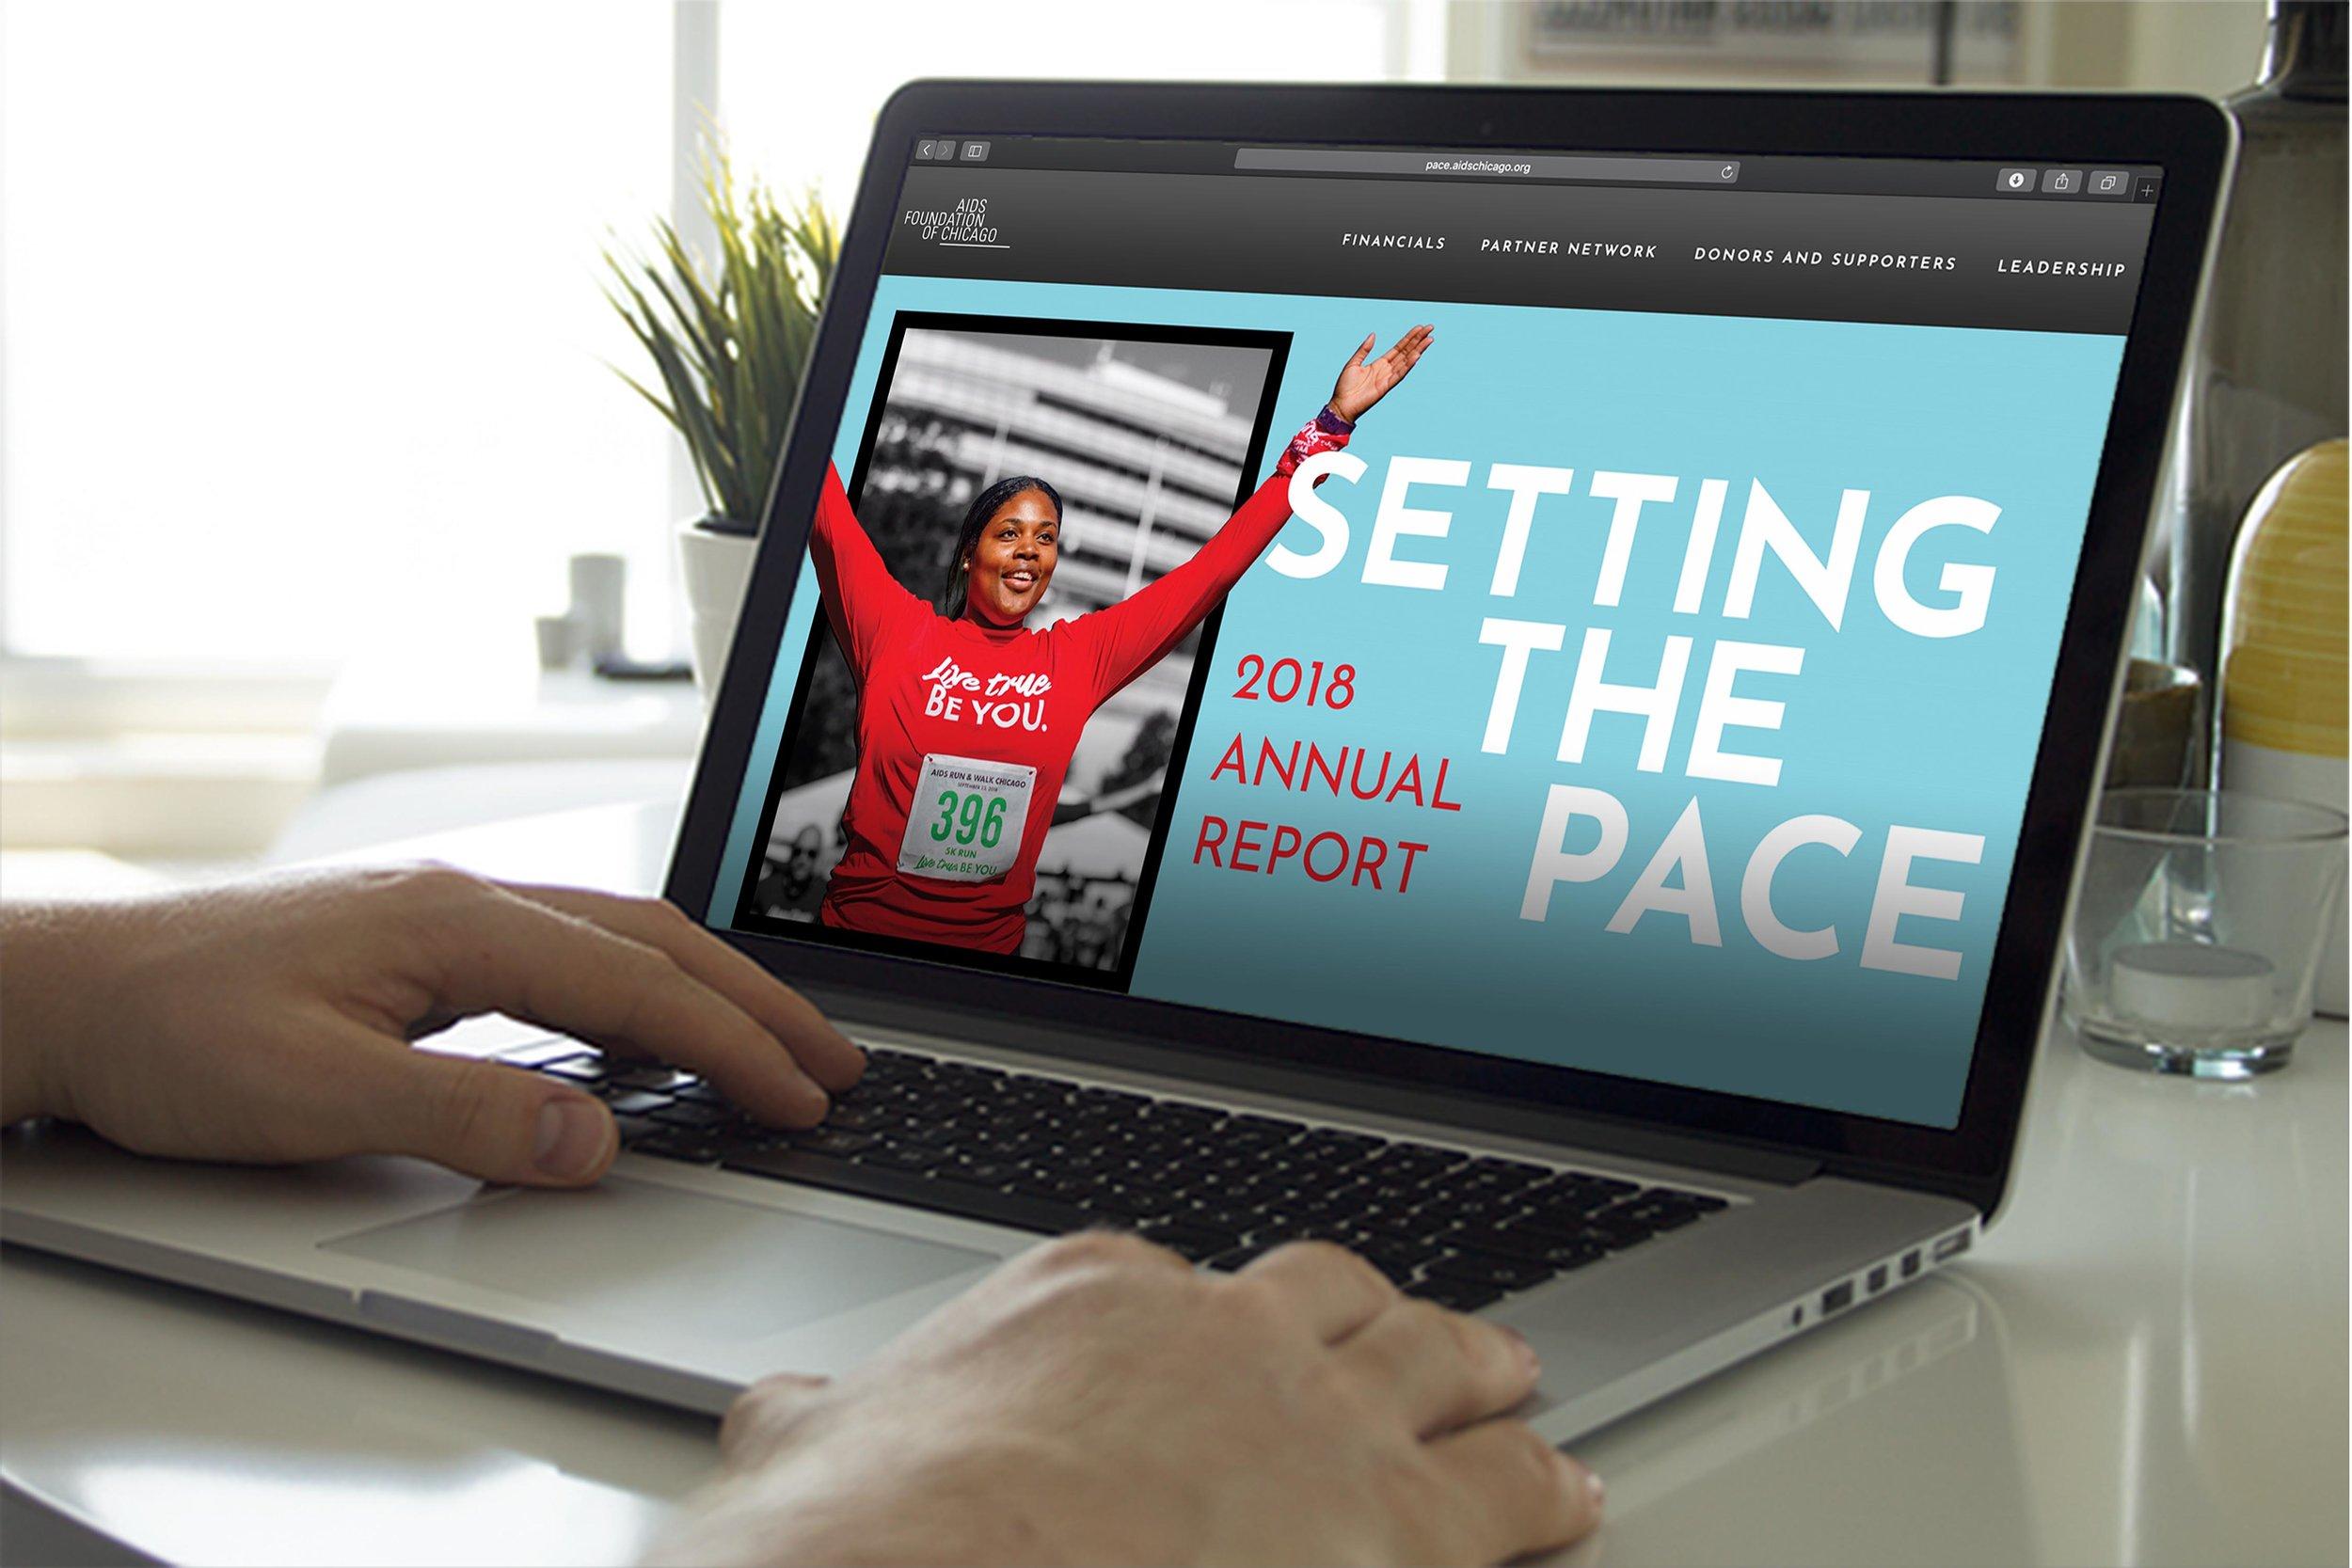 mackbook mockup1.jpg